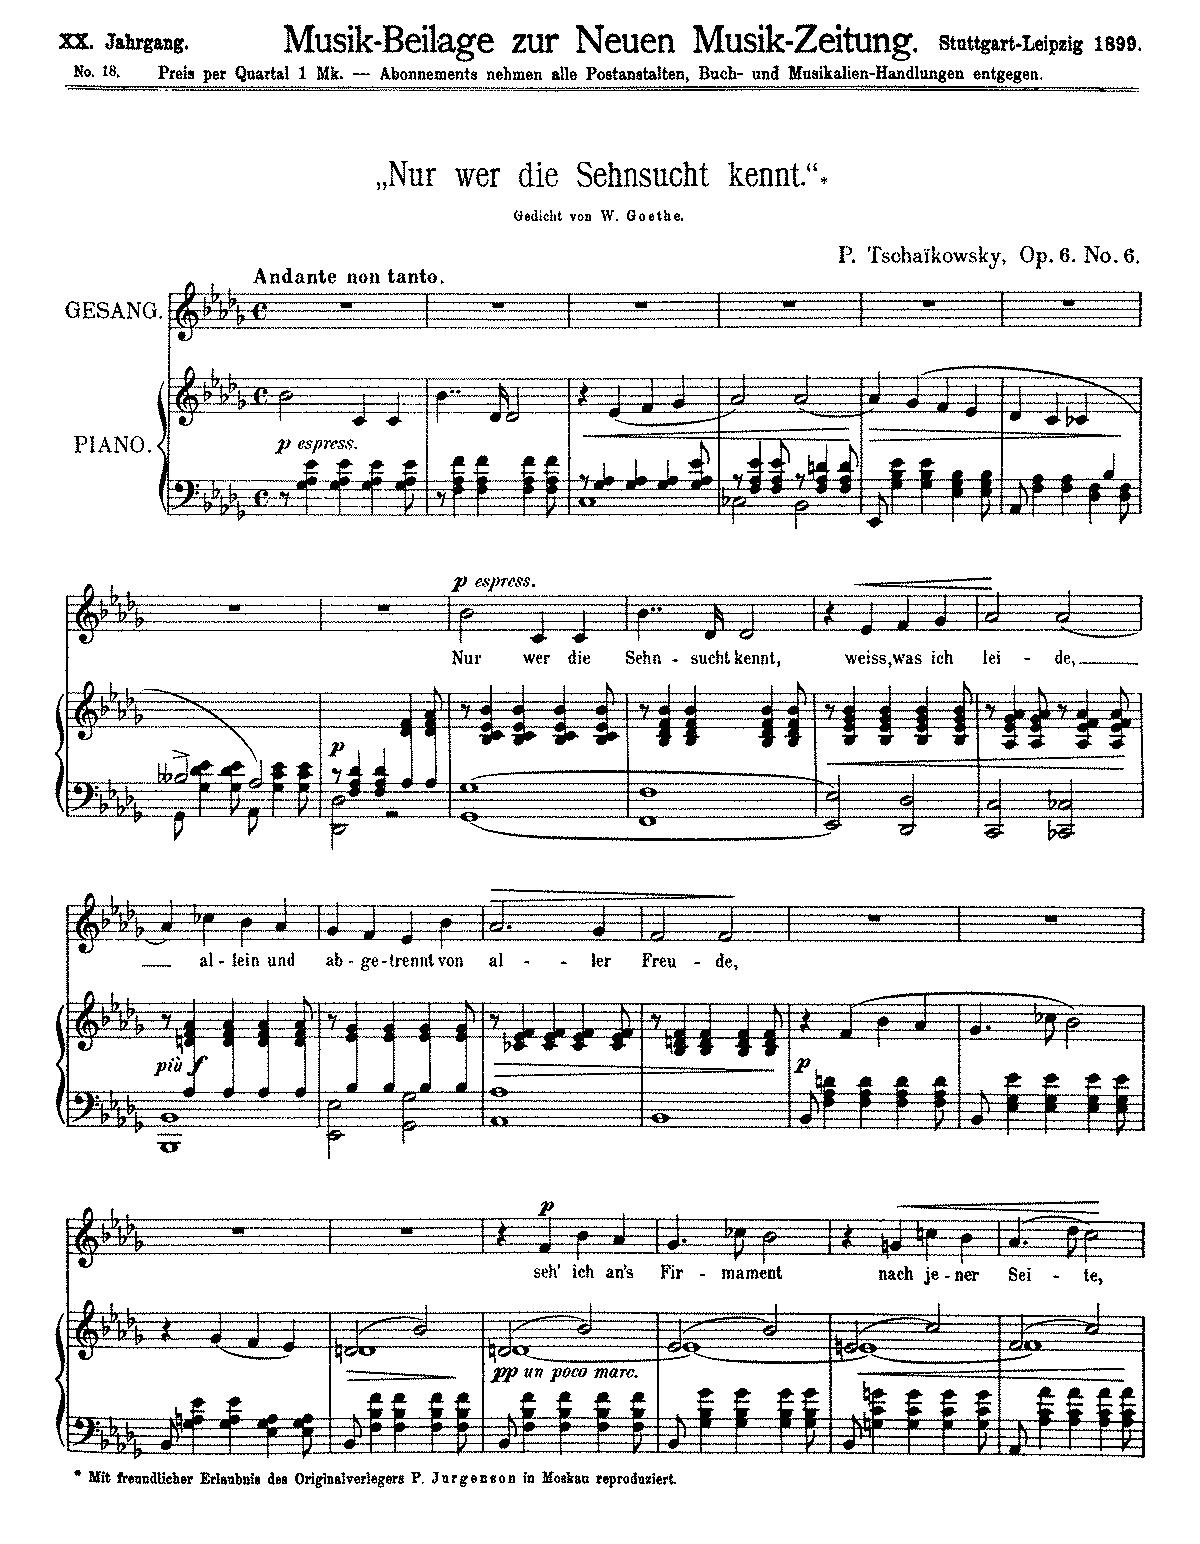 op. 6 n. 6